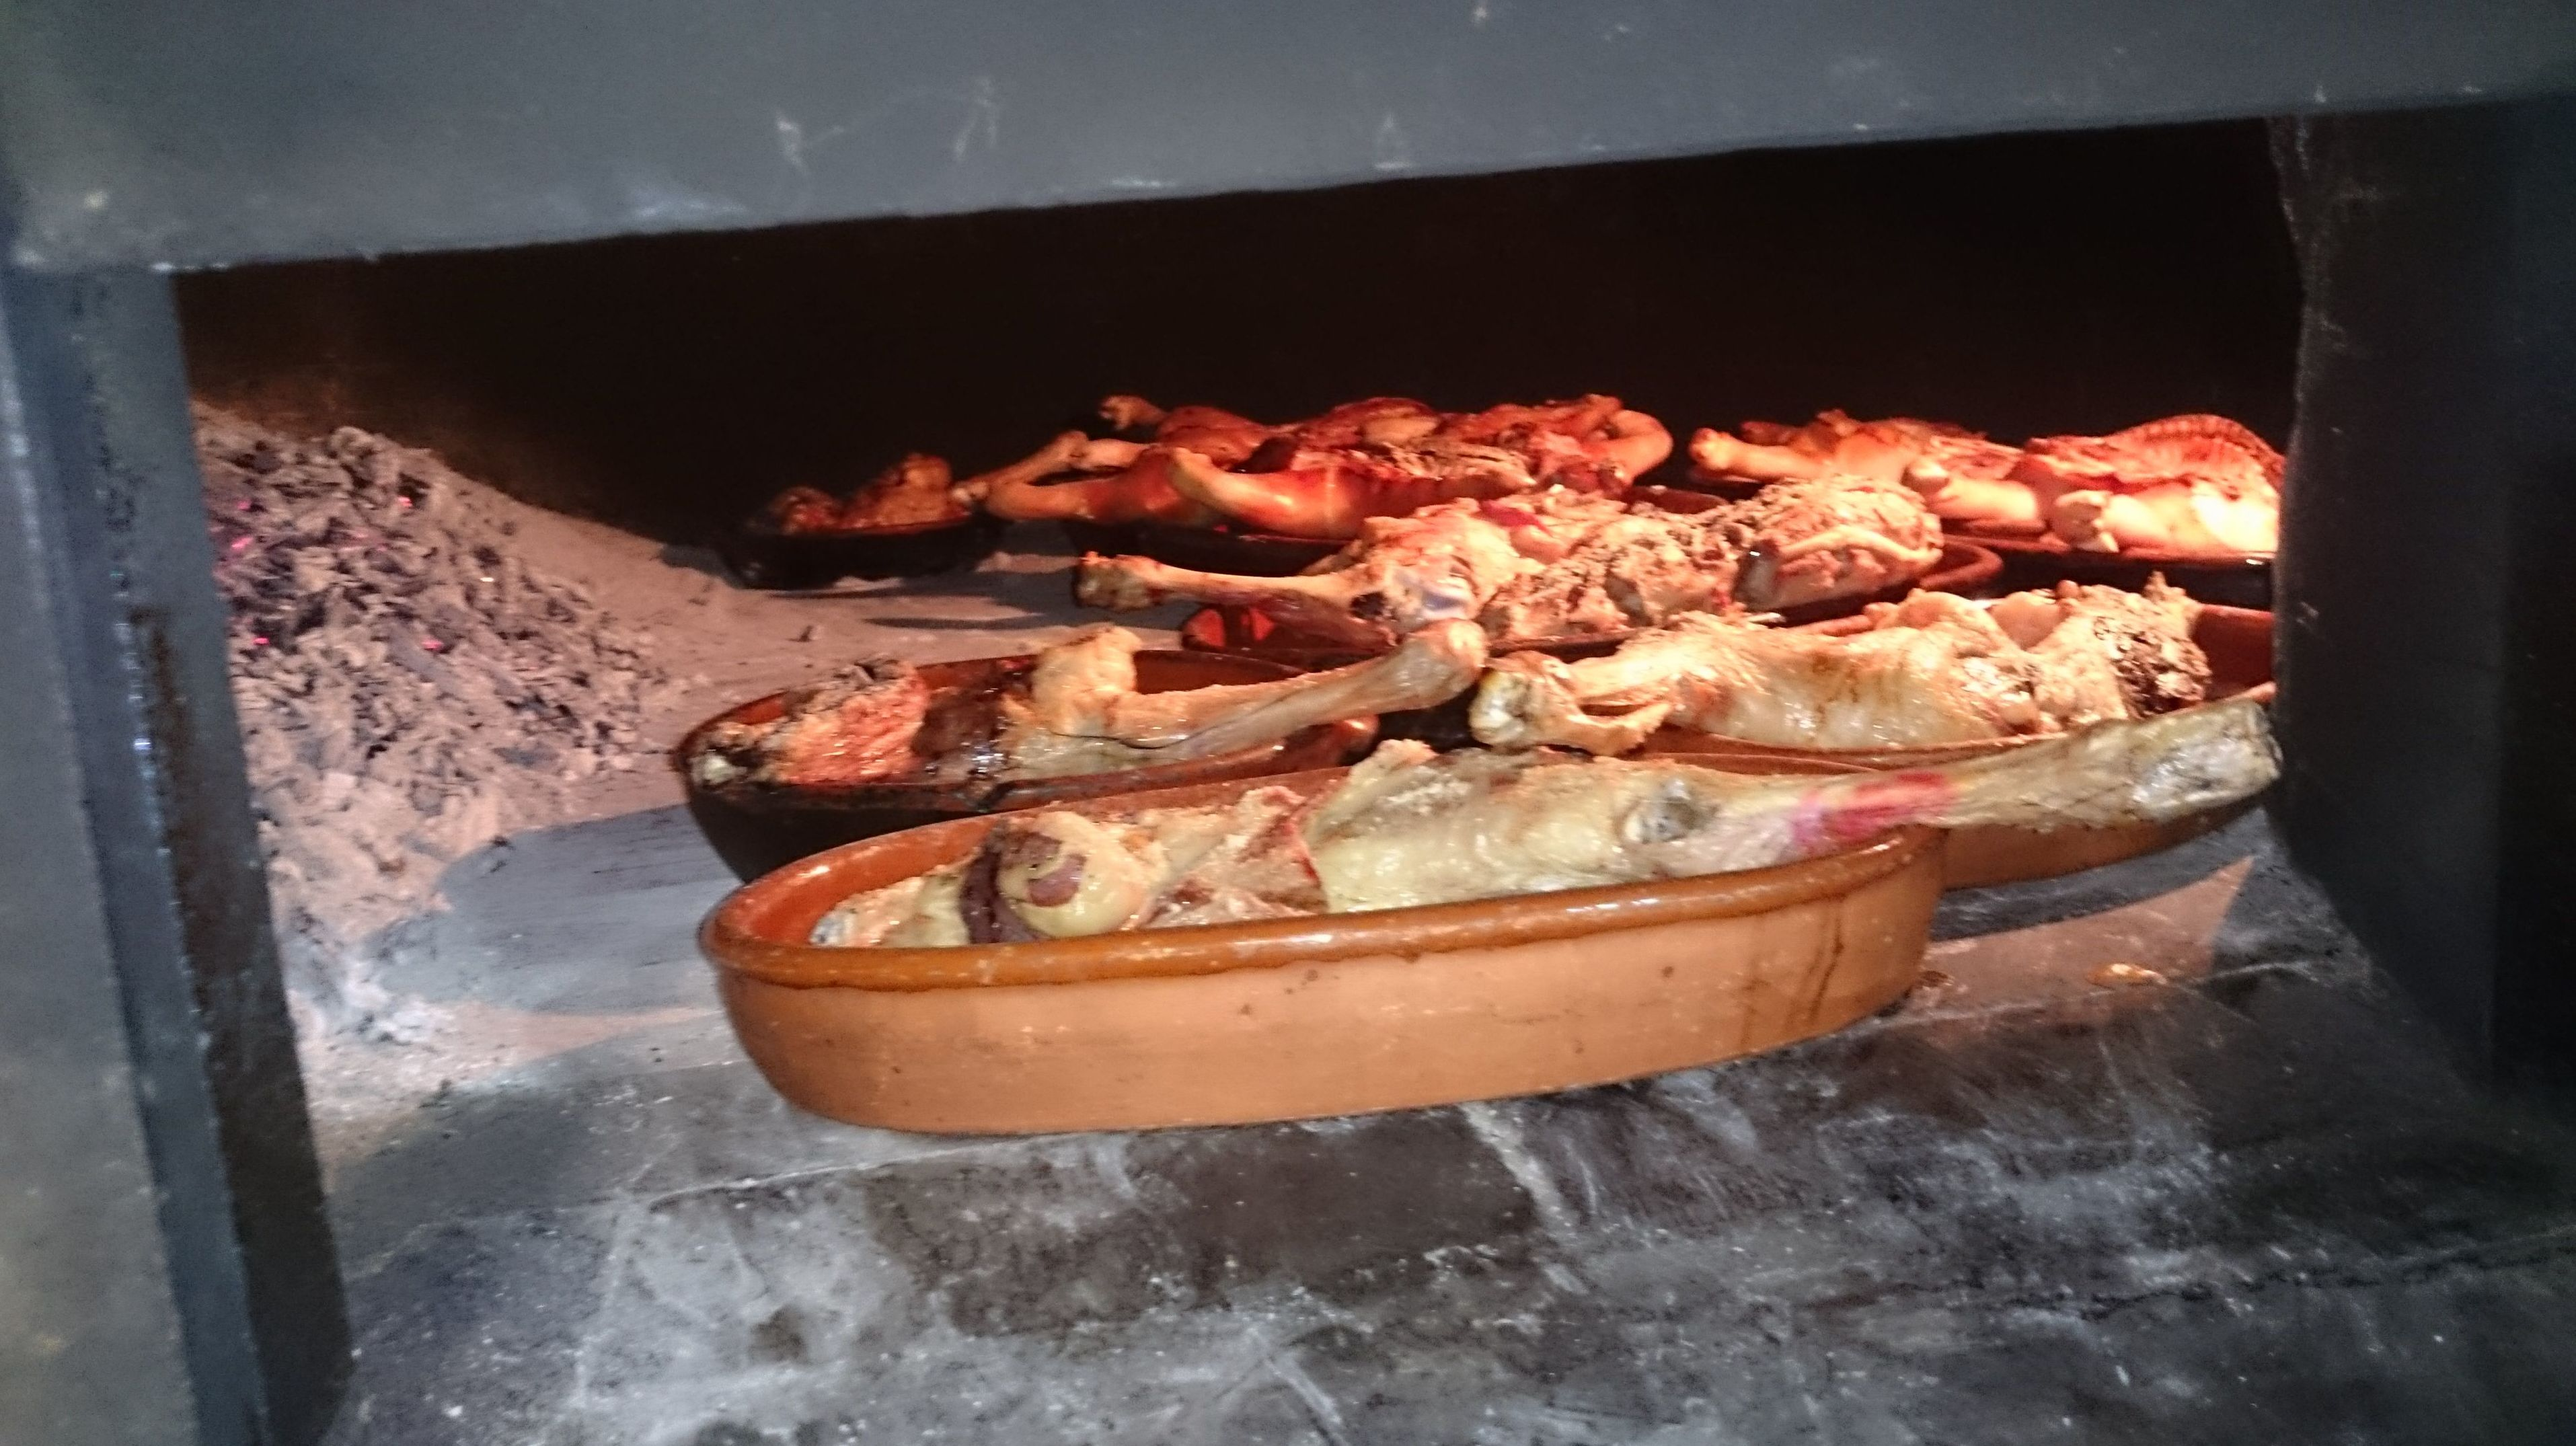 SEGUNDOS: ASADO SEGOVIANO.  Recién hecho de Restaurante Asador  El Encinar